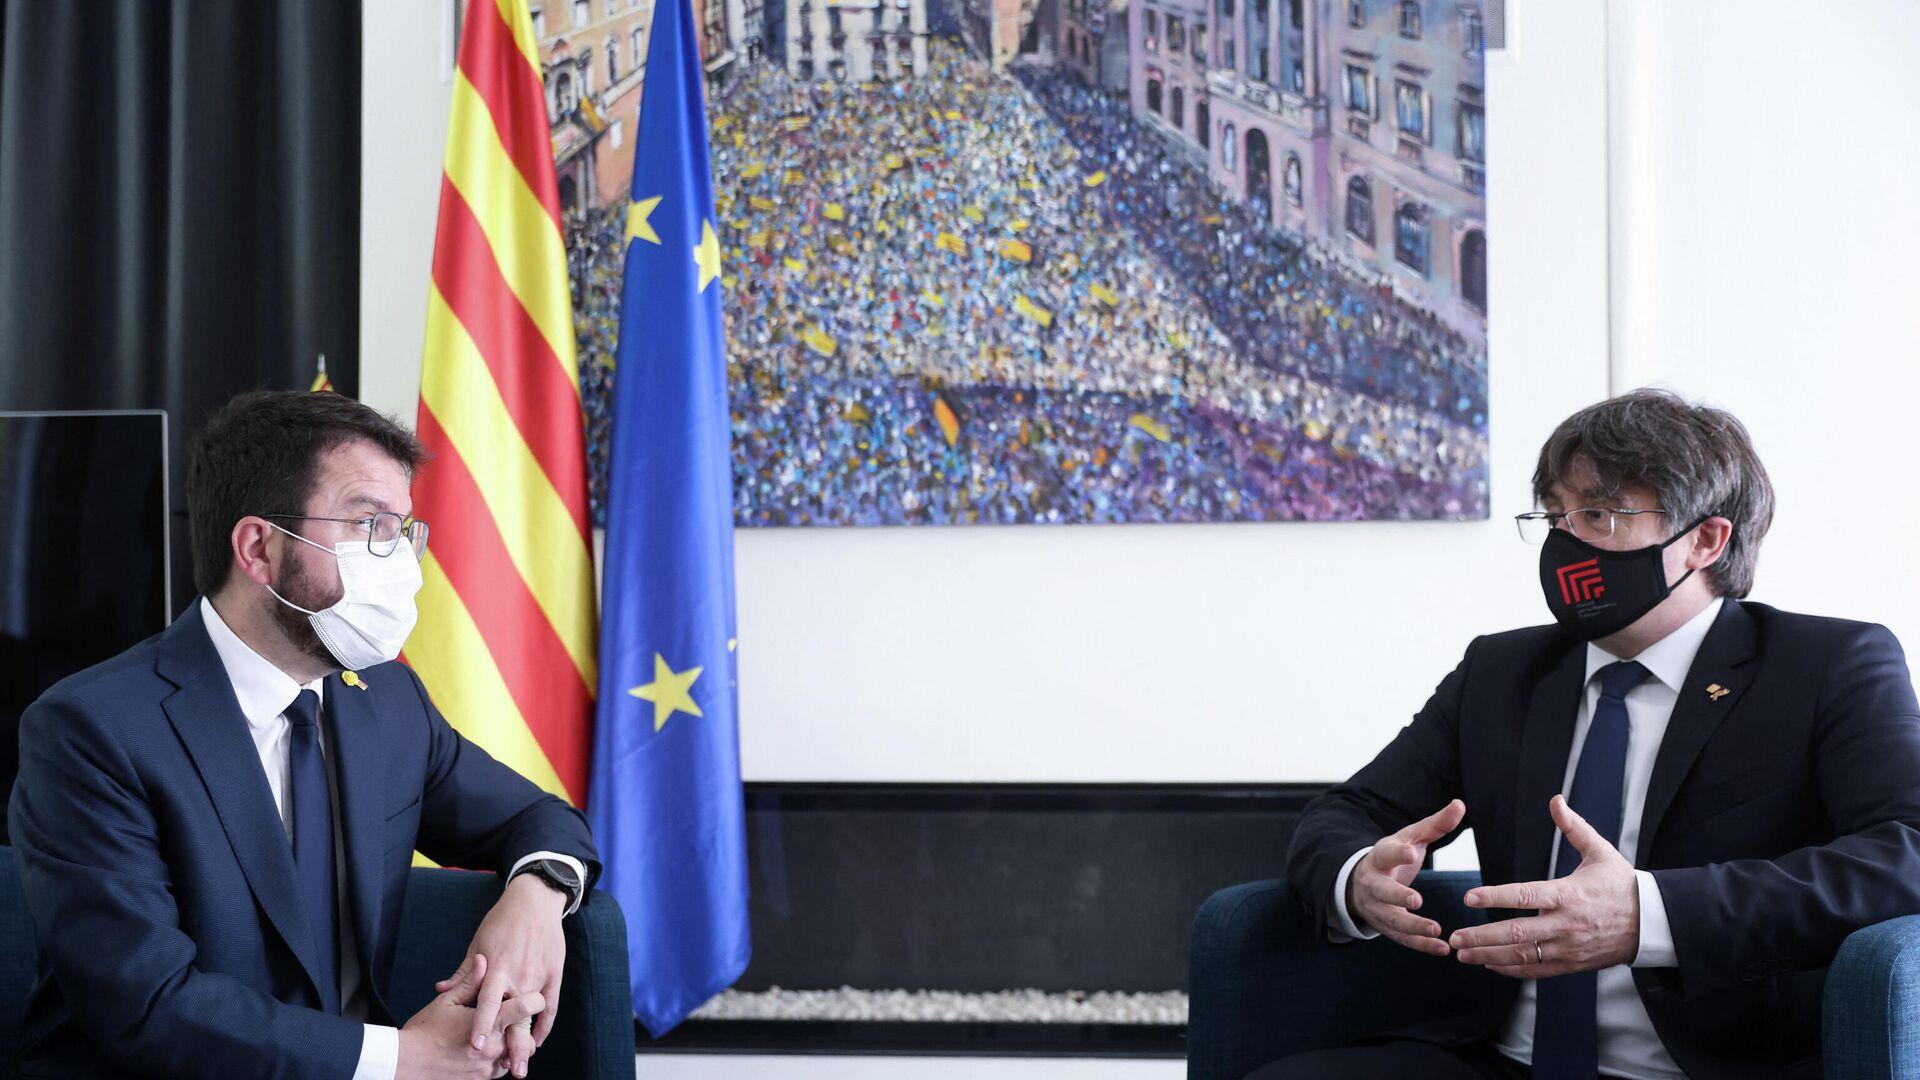 El presidente de la Generalitat de Cataluña, Pere Aragonès, y el expresidente catalán Carles Puigdemont - Sputnik Mundo, 1920, 18.06.2021